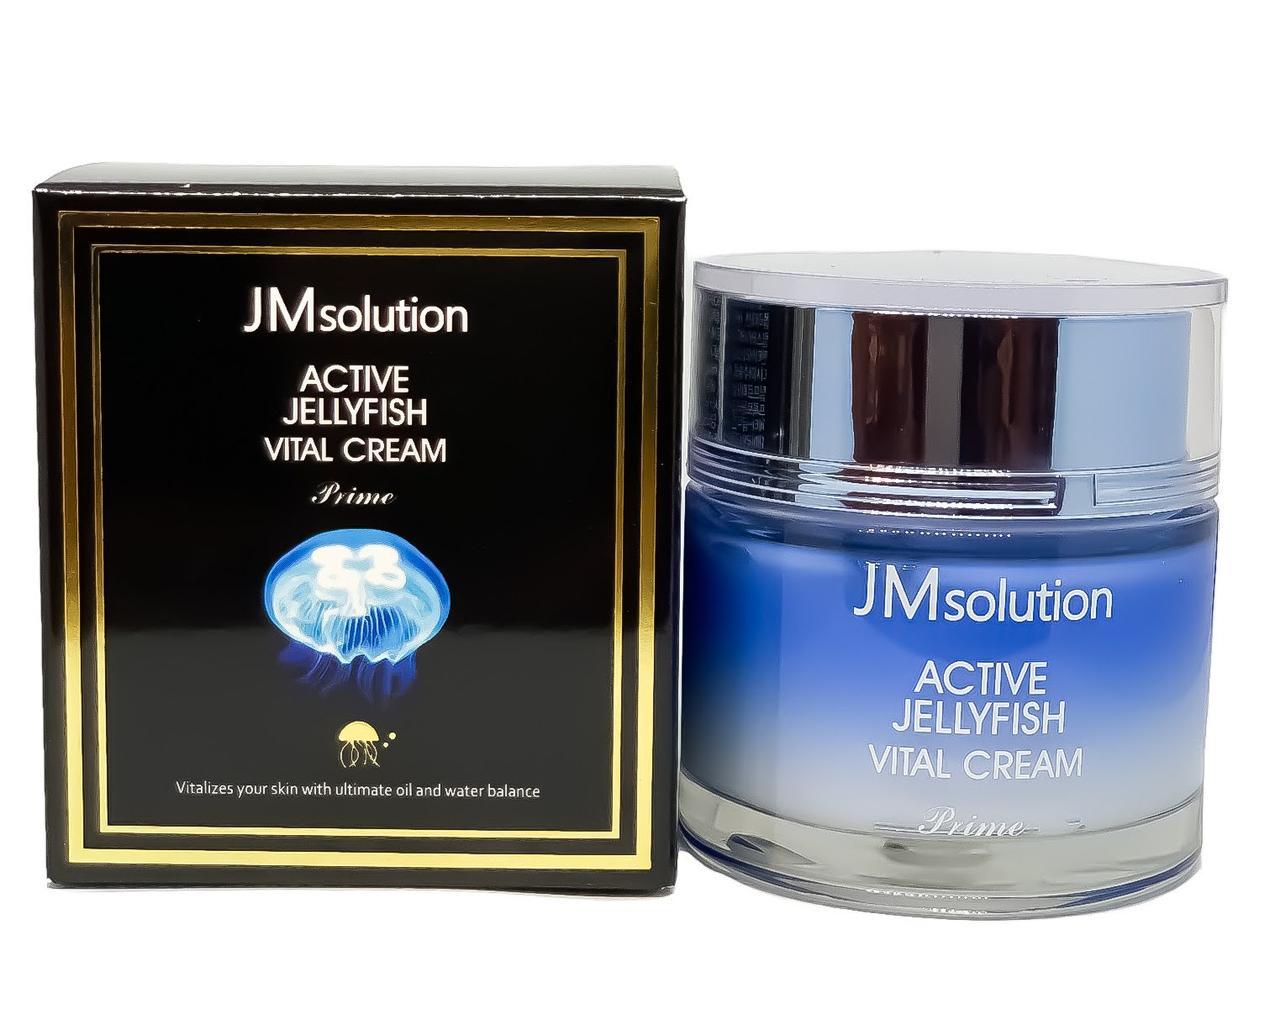 Крем с экстрактом медузы JMsolution Active Jellyfish Vital Cream Prime